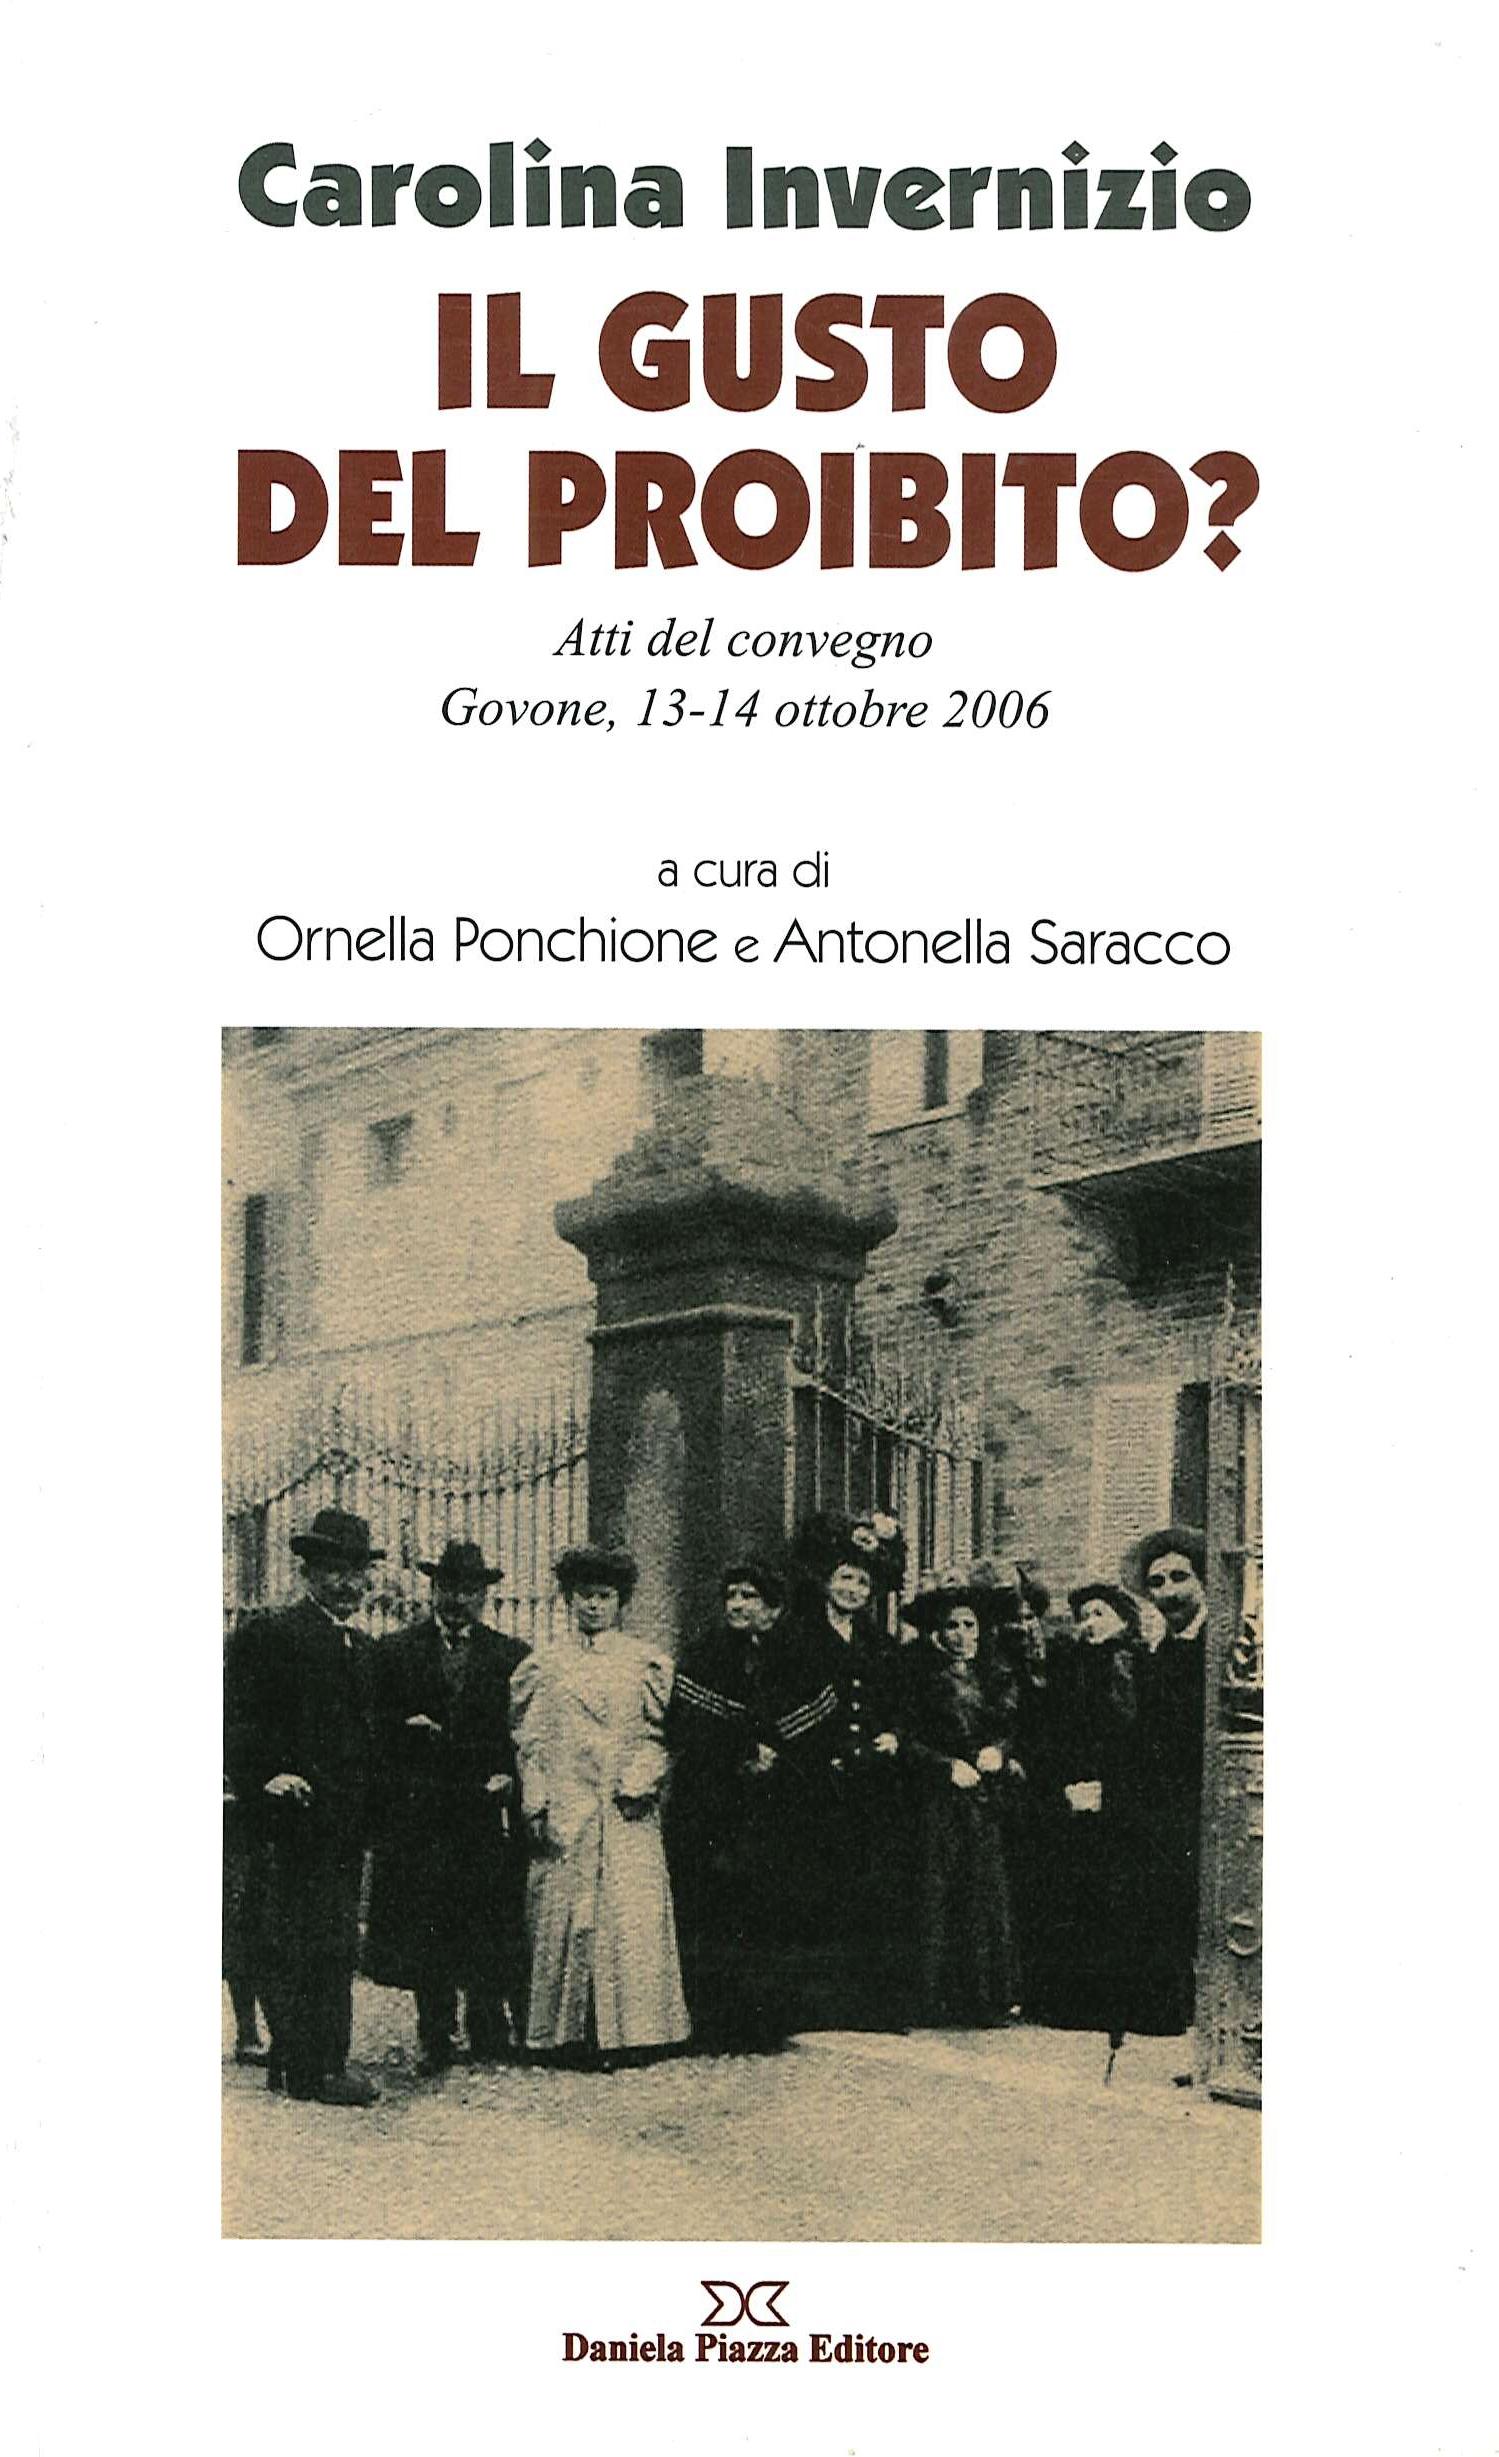 Carolina Invernizio. Il gusto del proibito? Atti del Convegno (Govone, 13-14 ottobre 2006).